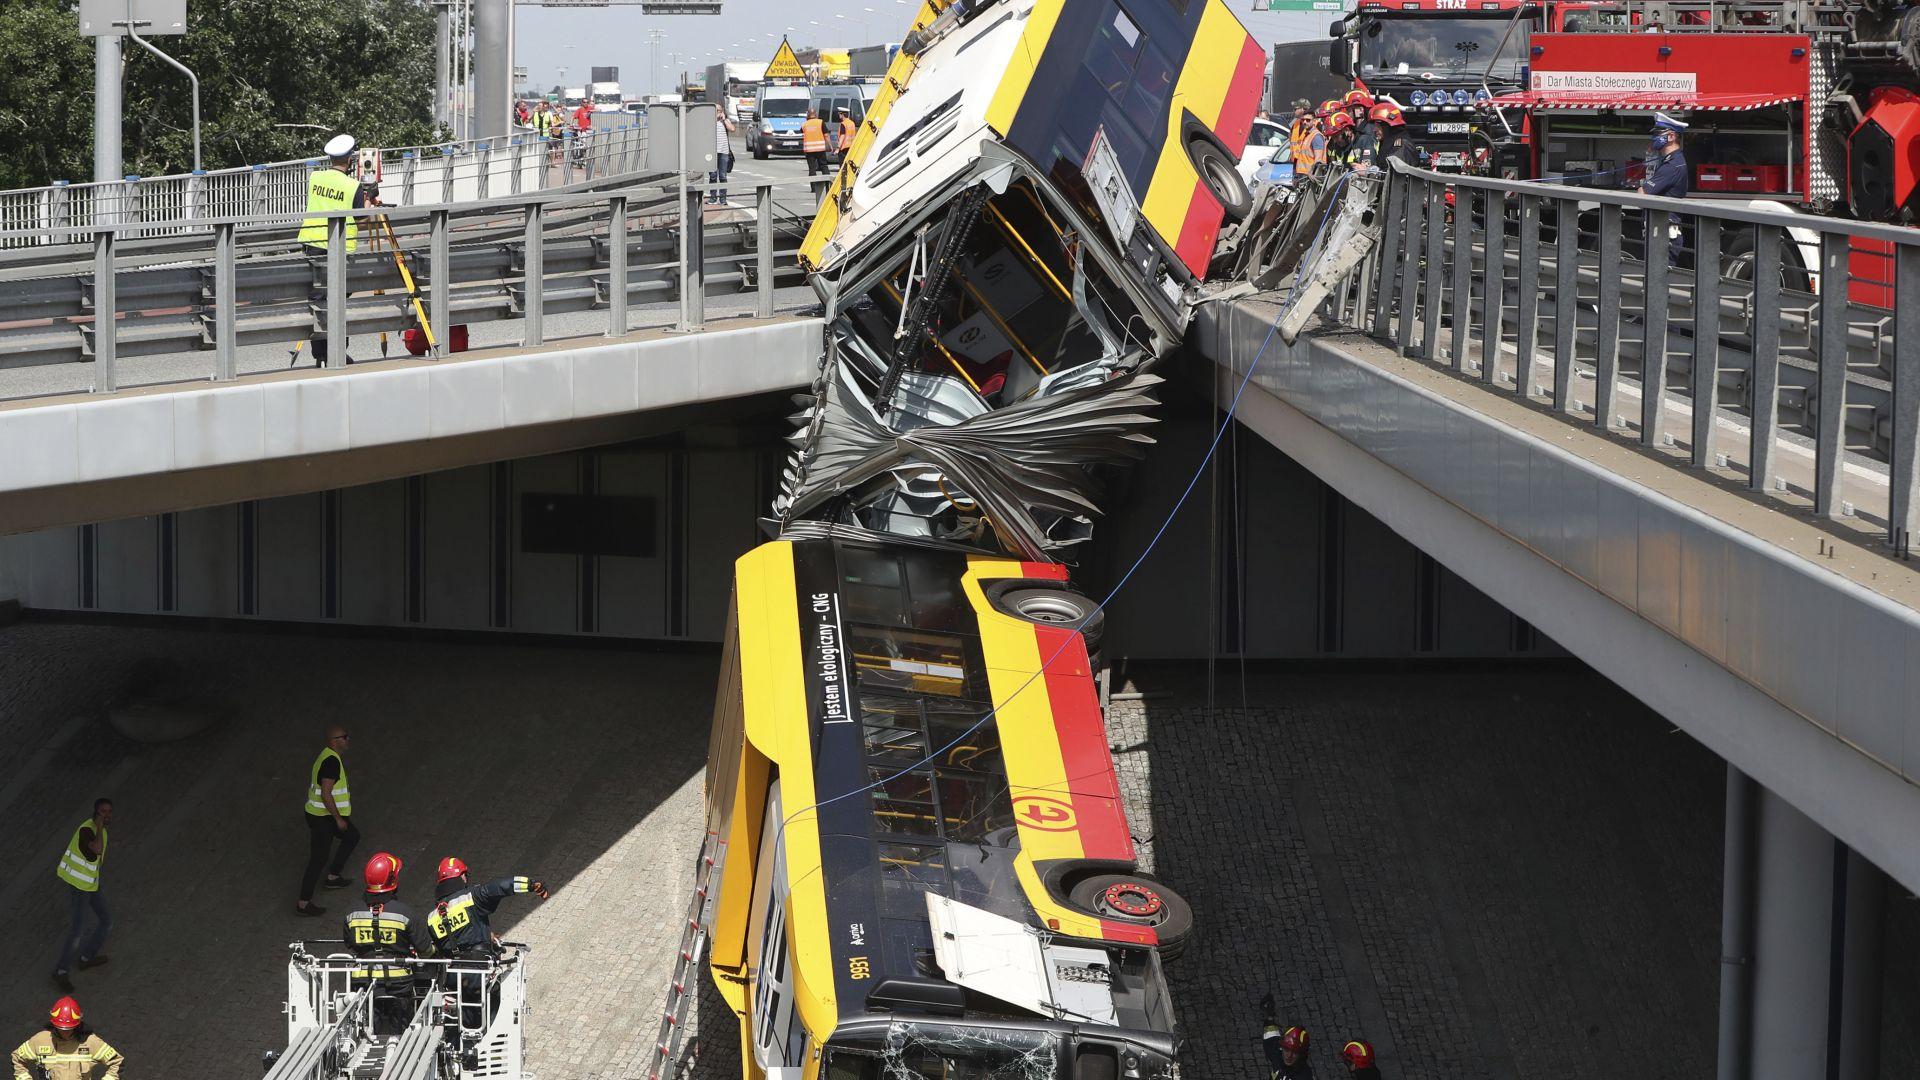 Безпрецедентна спасителна акция във Варшава: Автобус се разцепи на две на мост, има жертви